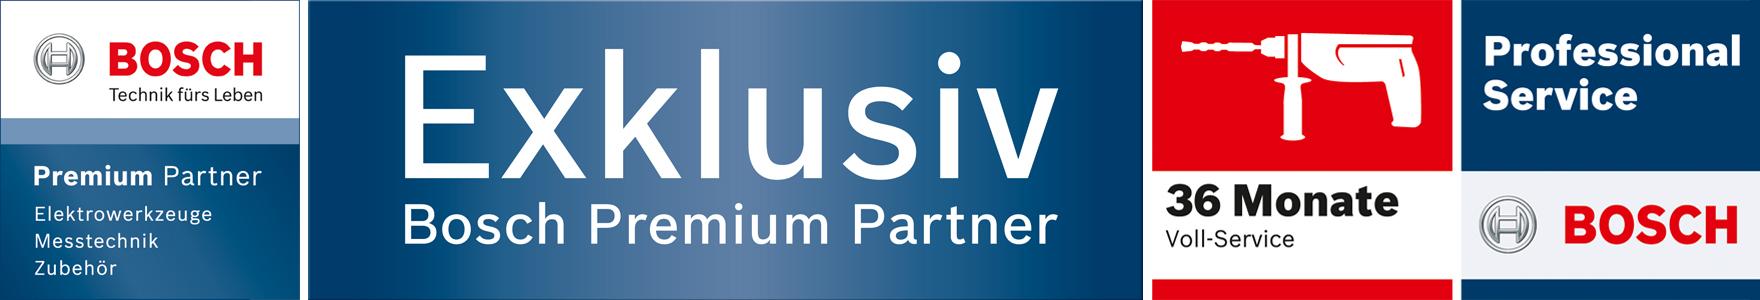 Premium_Partner_Banner_01.jpg